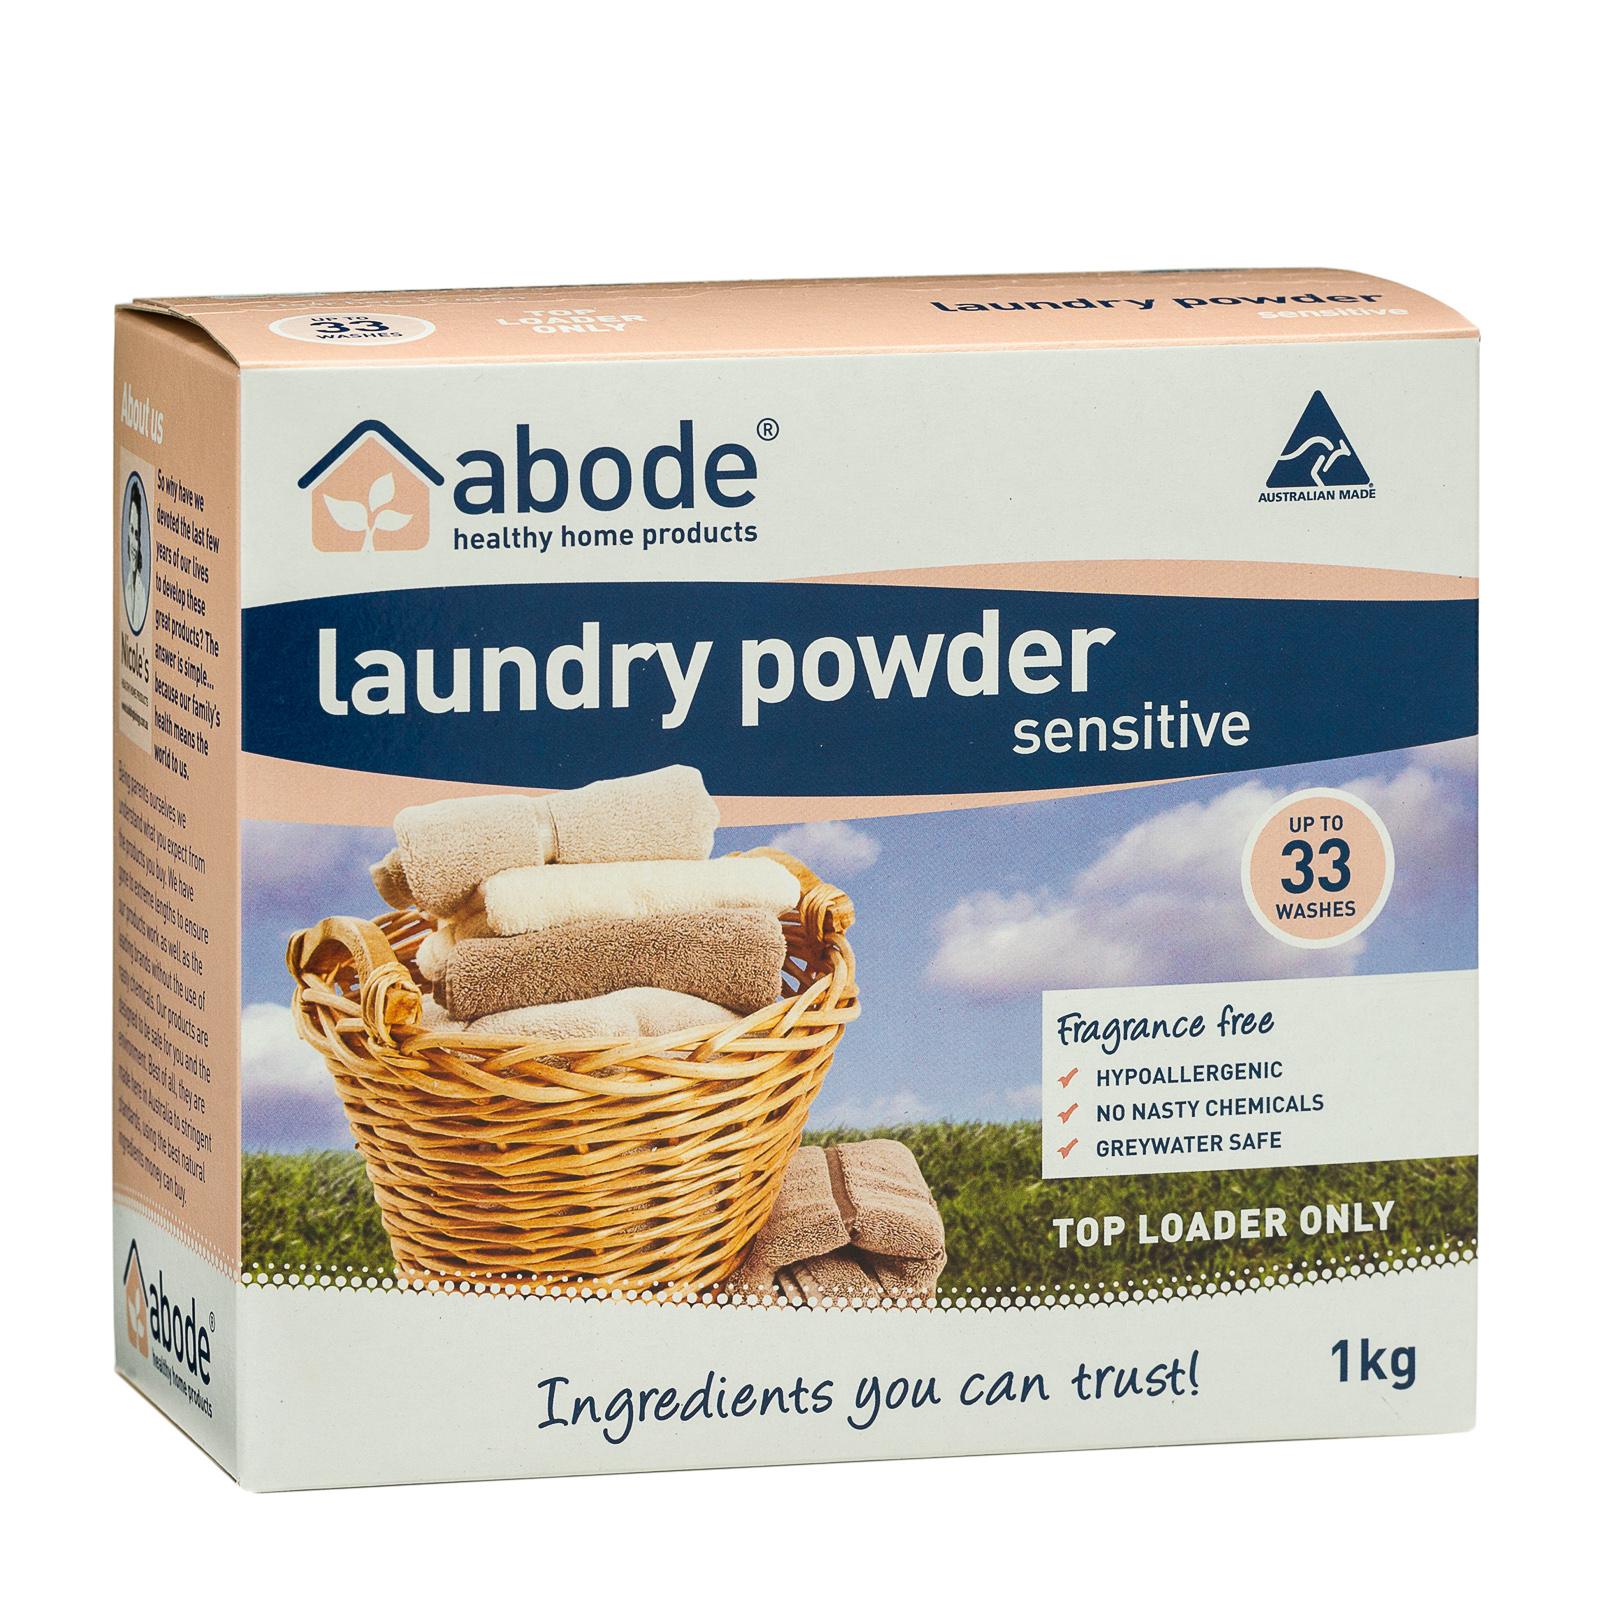 Abode Fragrance Free Top Loader Laundry Powder (1kg)